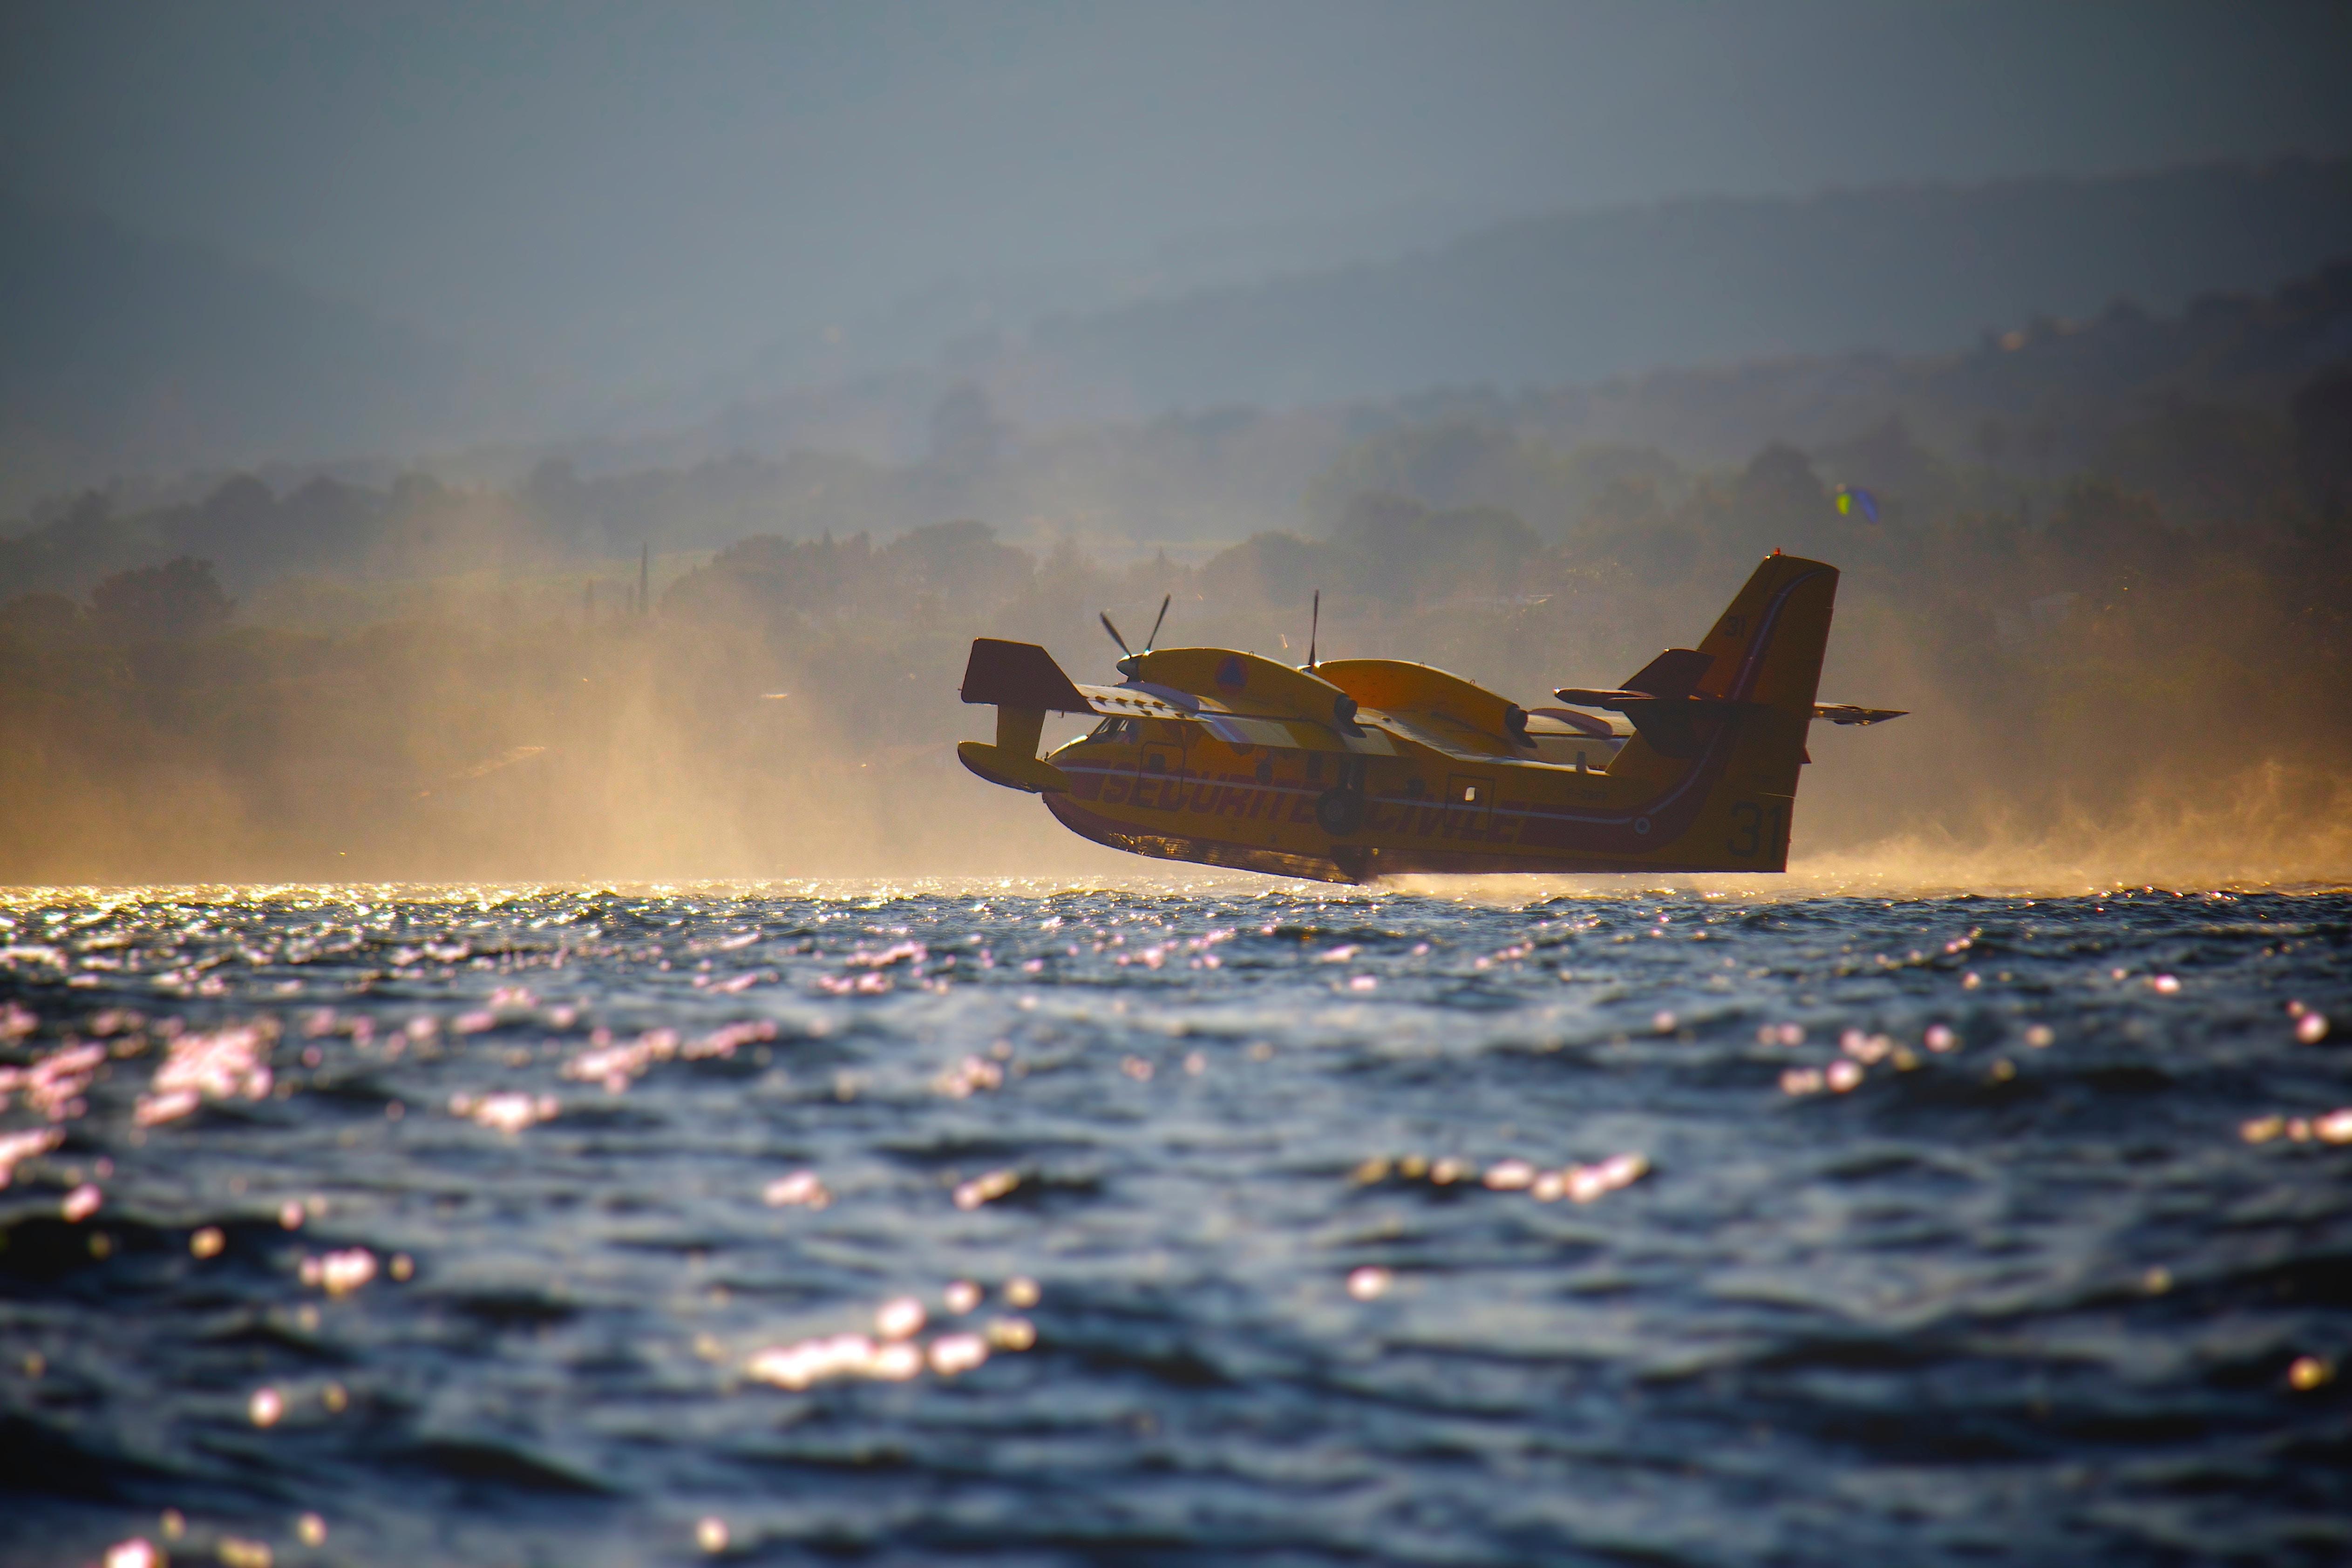 Aircraft Photography | Topmost Aircraft Photographer - Alaskafoto